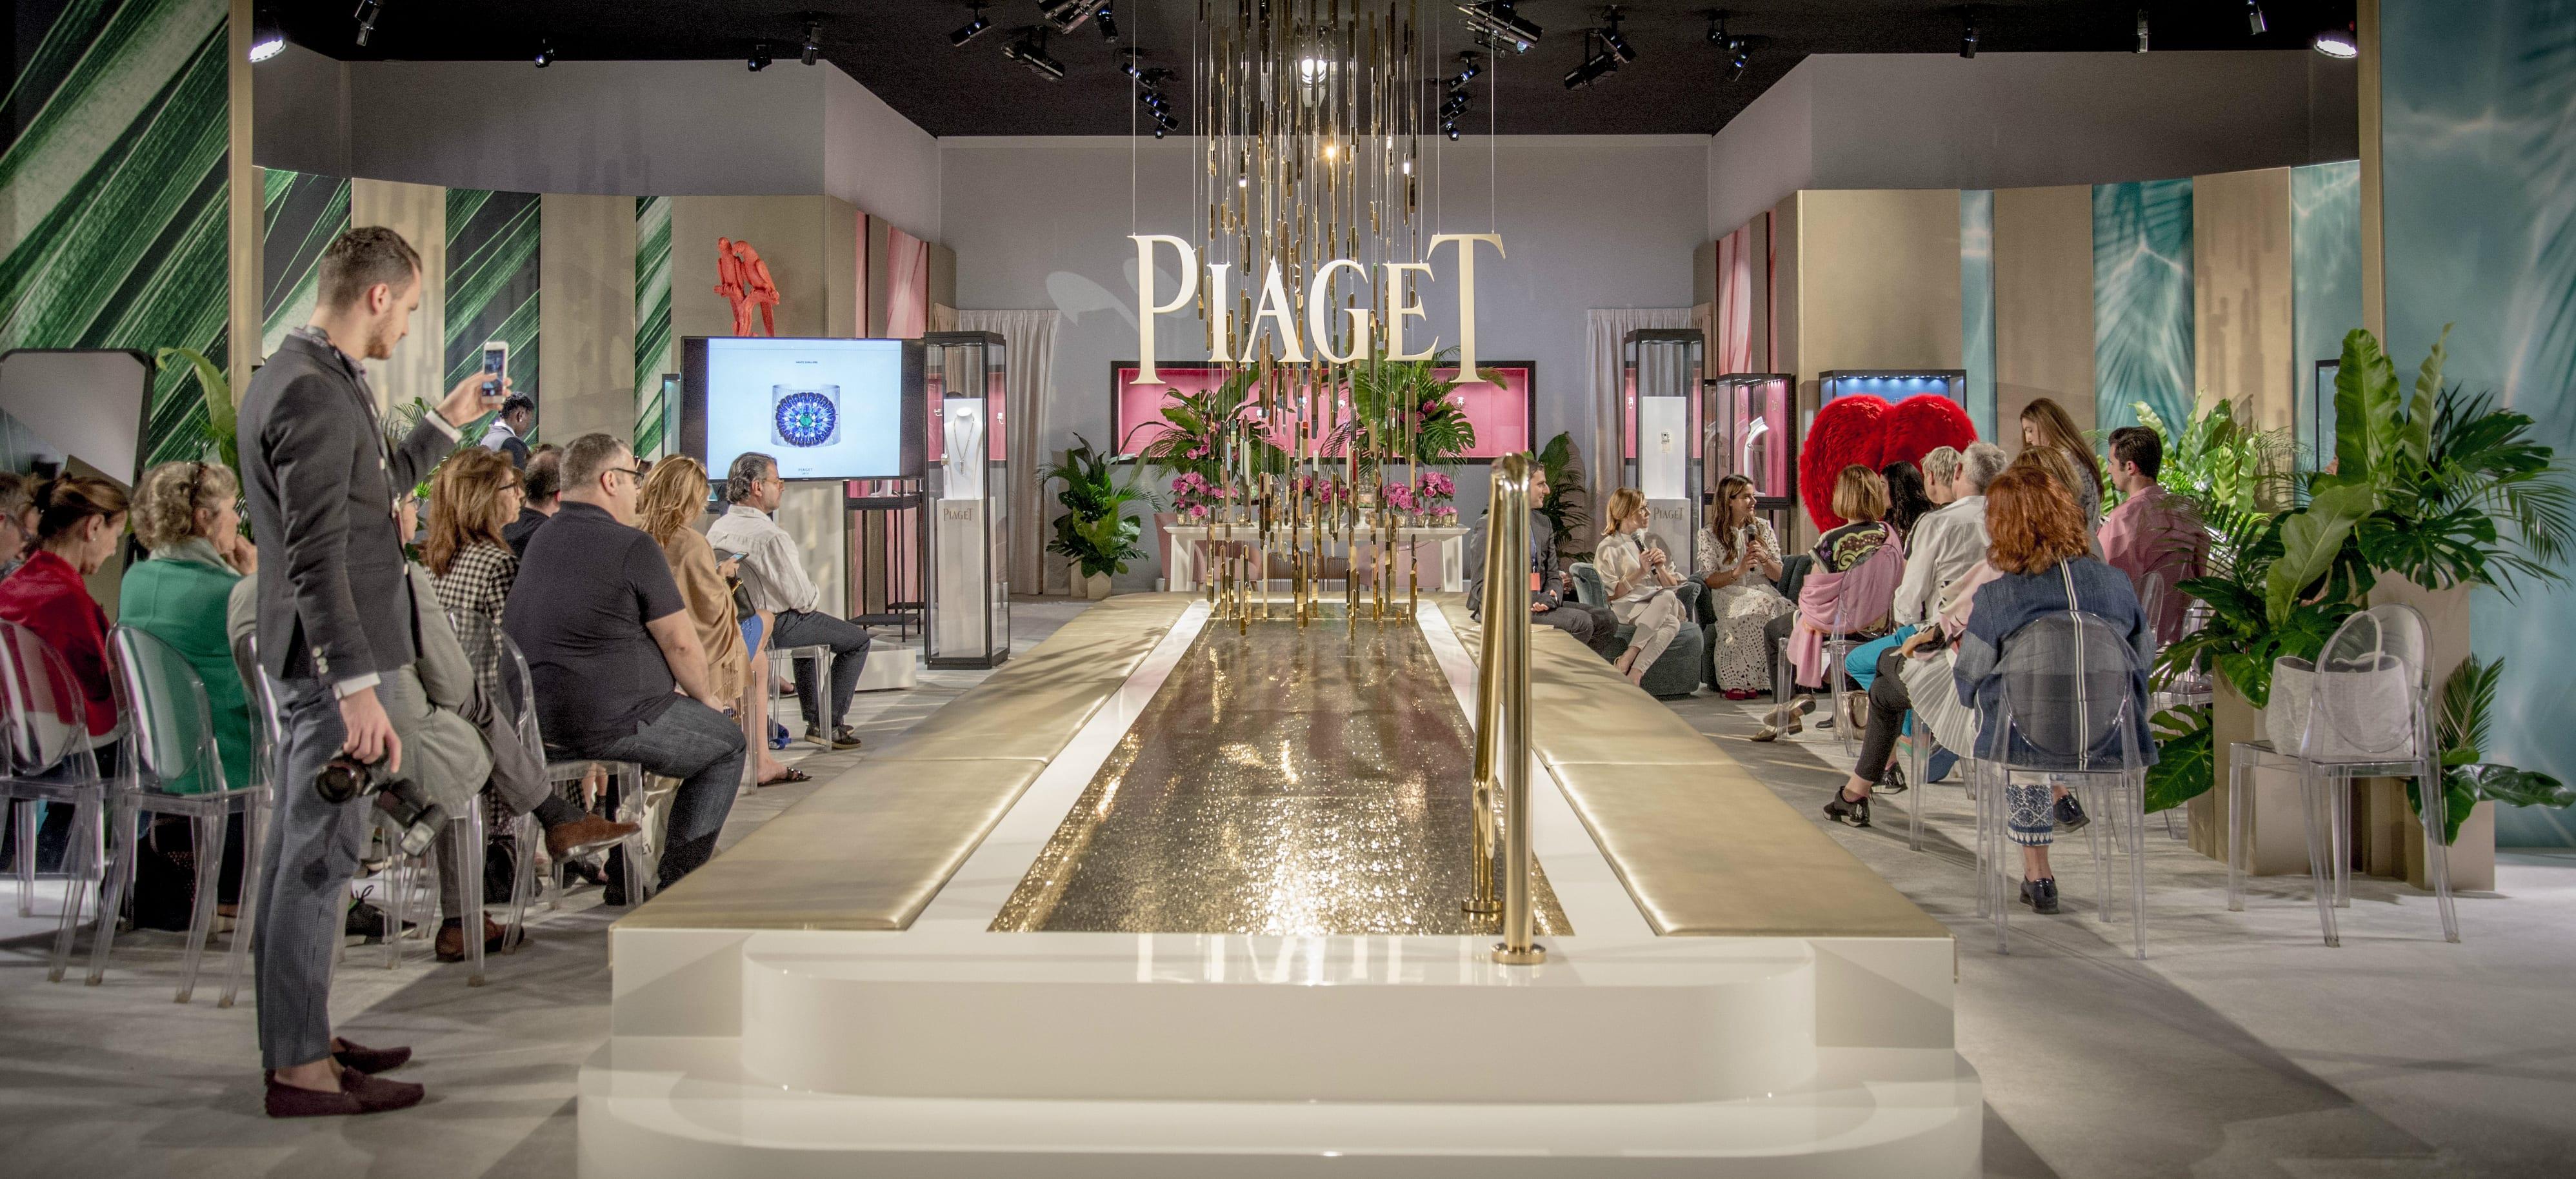 D Painting Exhibition In Dubai : Piaget archives art dubai